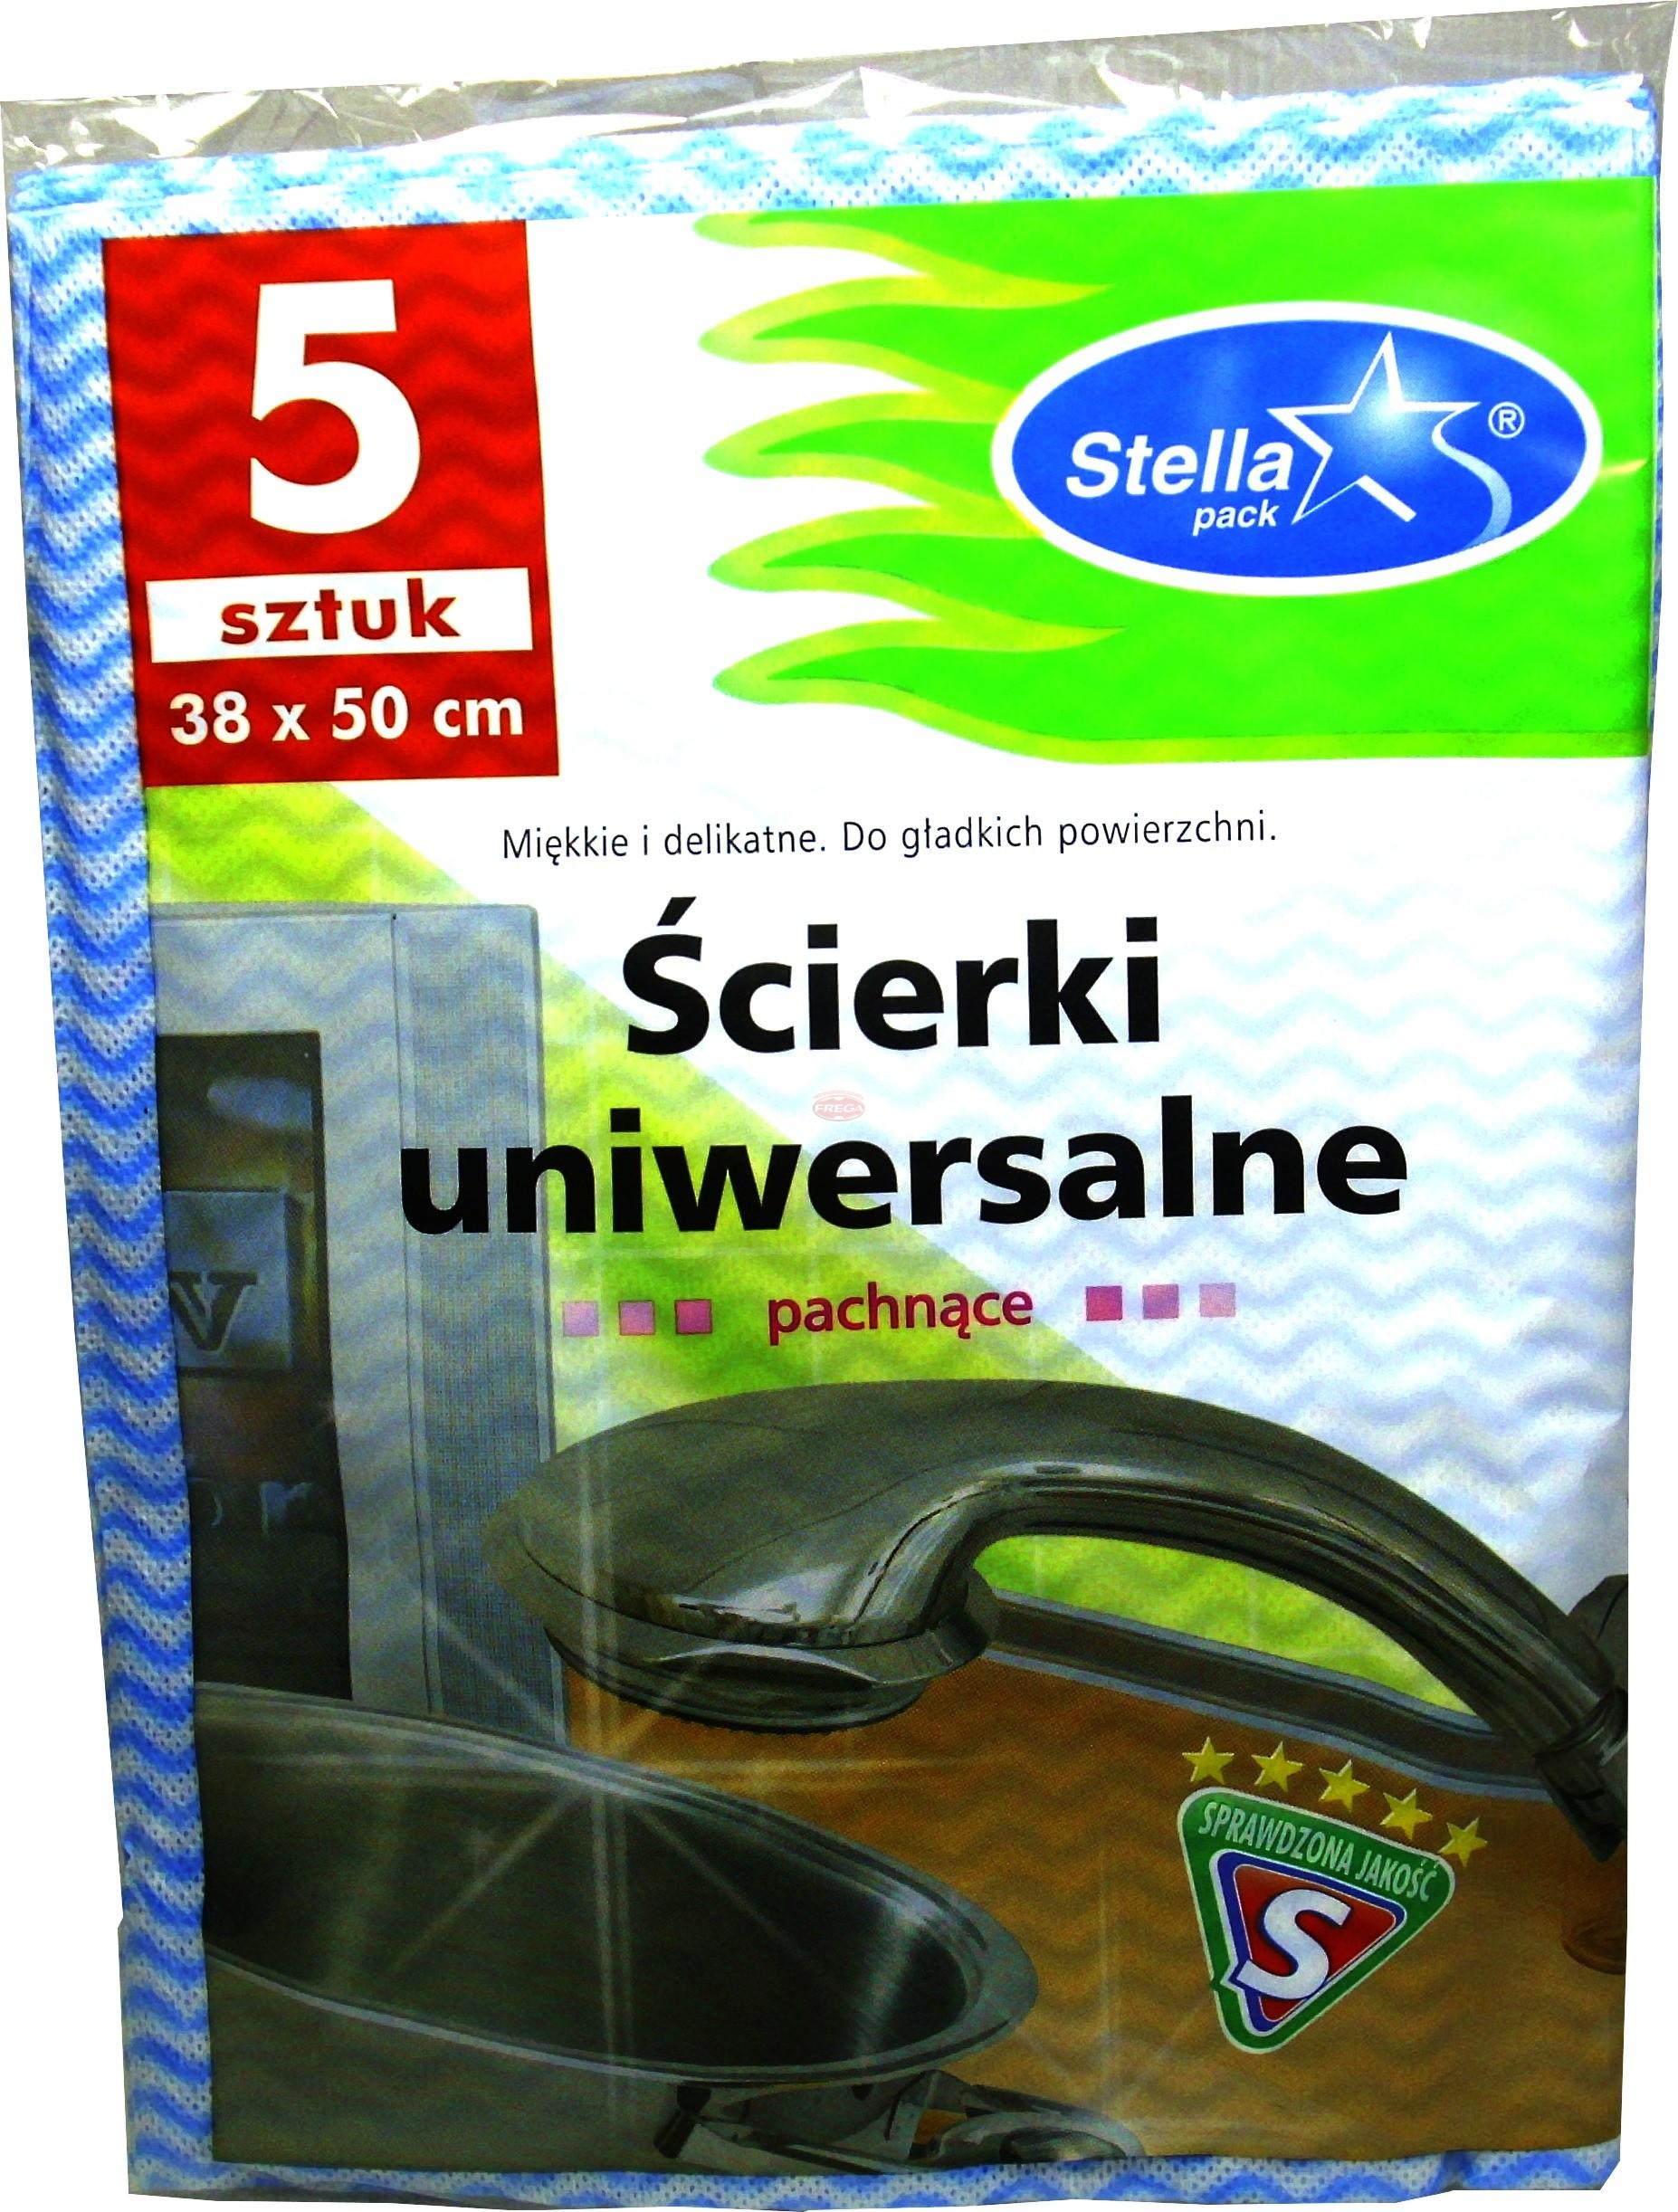 Stella ścierki uniwersalne 38 x 50 cm 5 szt.